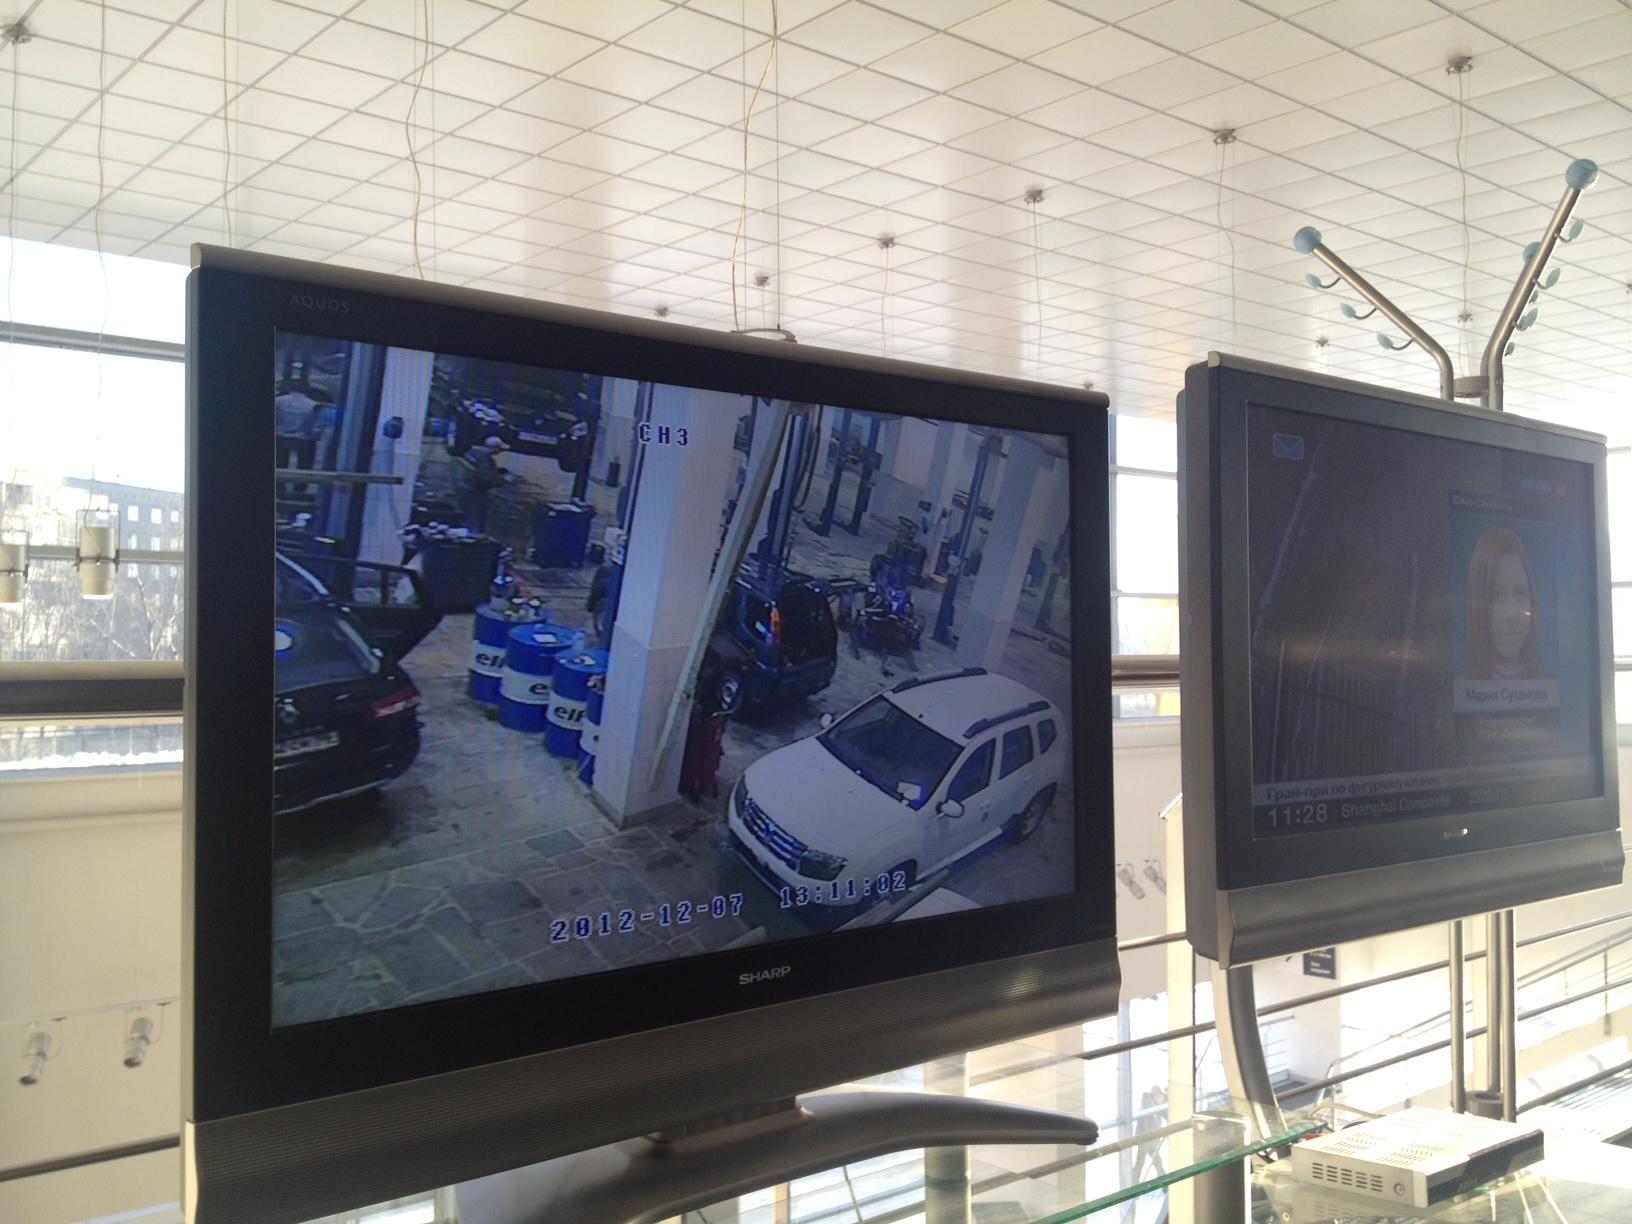 монитор в автосервисе